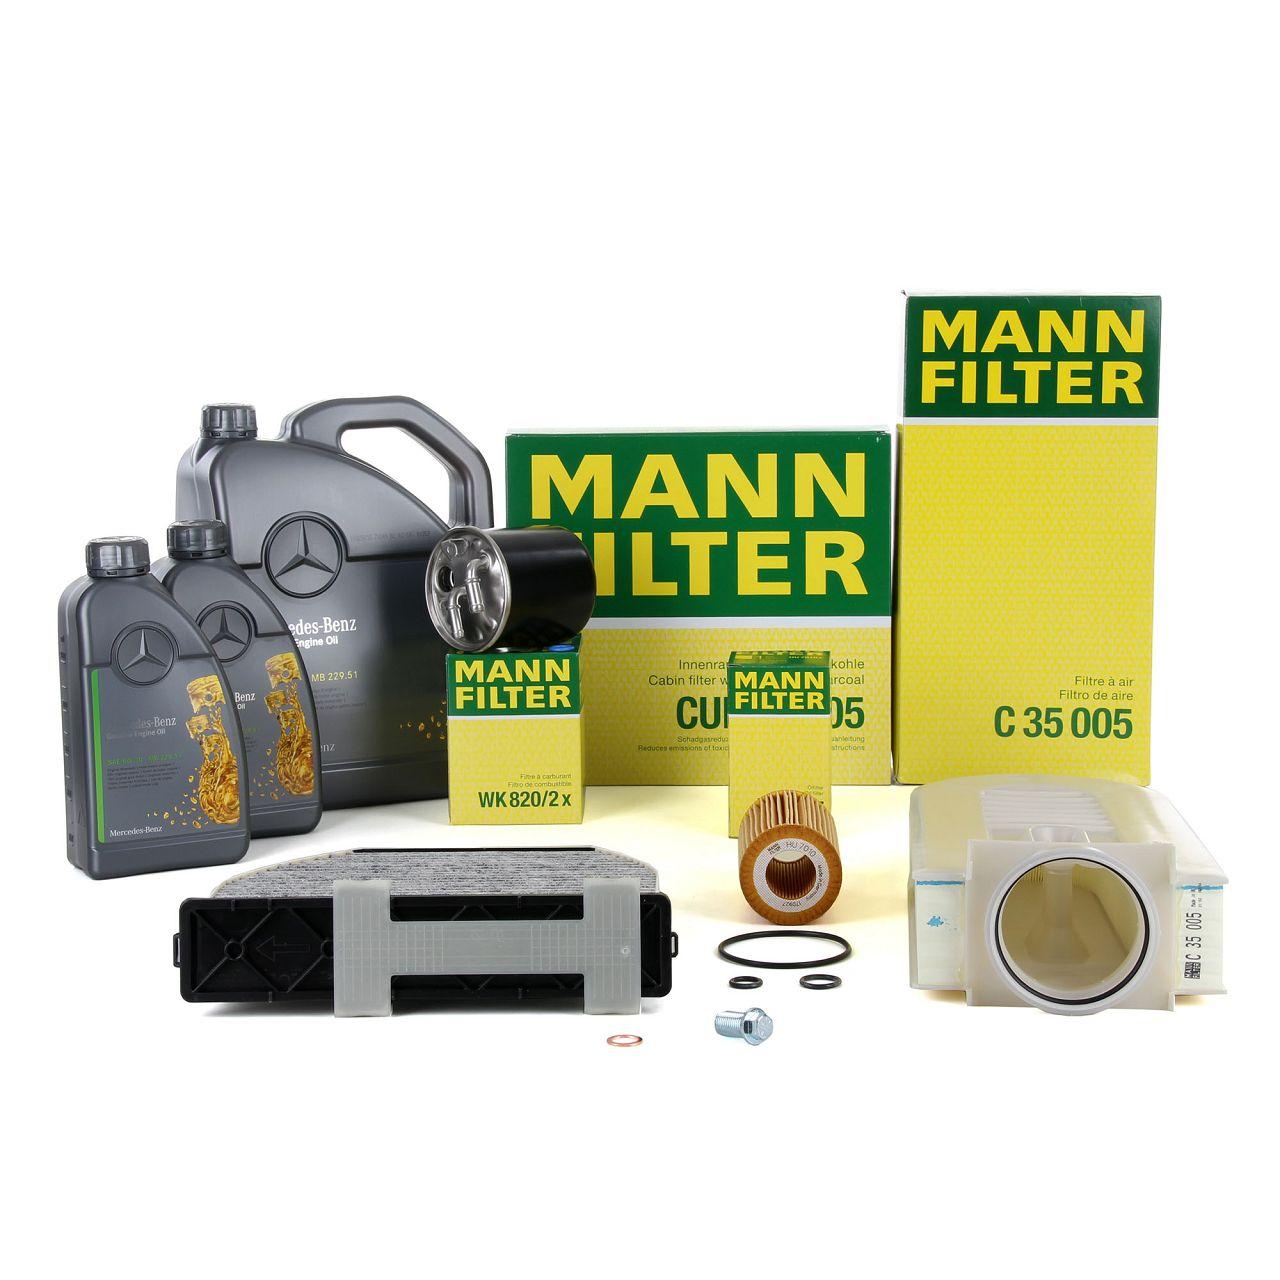 MANN Inspektionskit + 7 L ORIGINAL Mercedes 5W30 Motoröl W204 S212 X204 200/220/250CDI